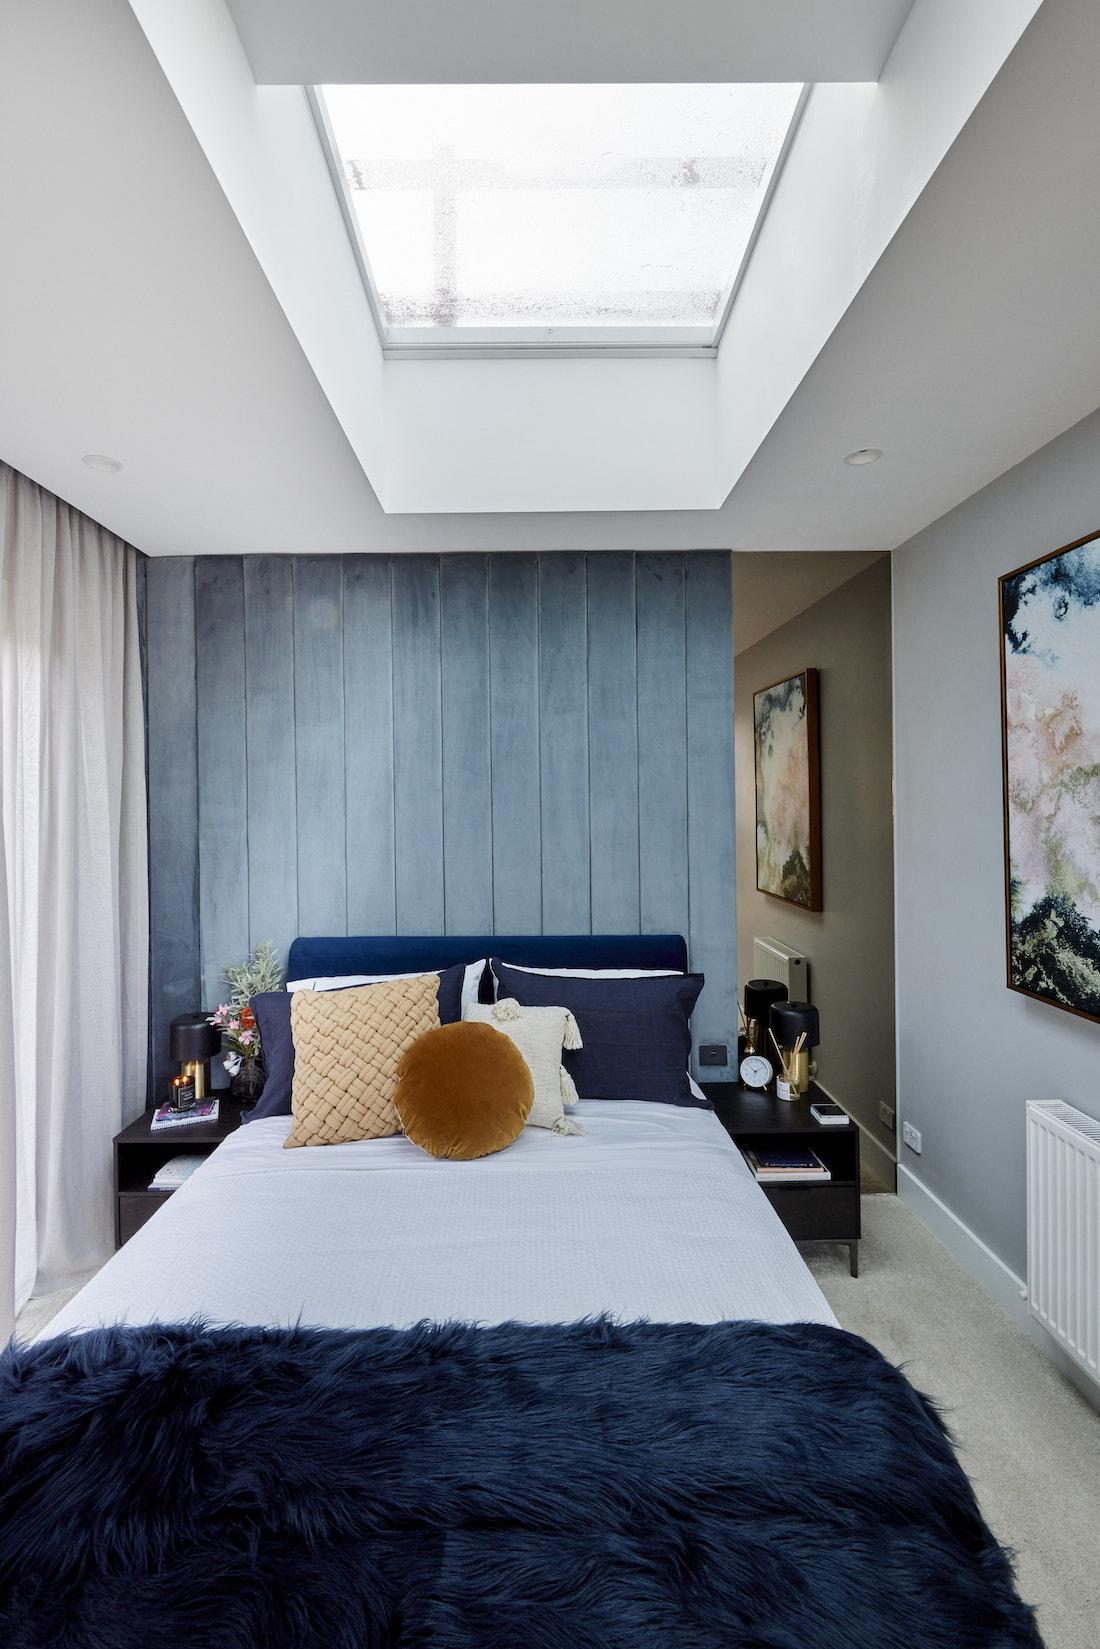 Guest bedroom in masculine tones